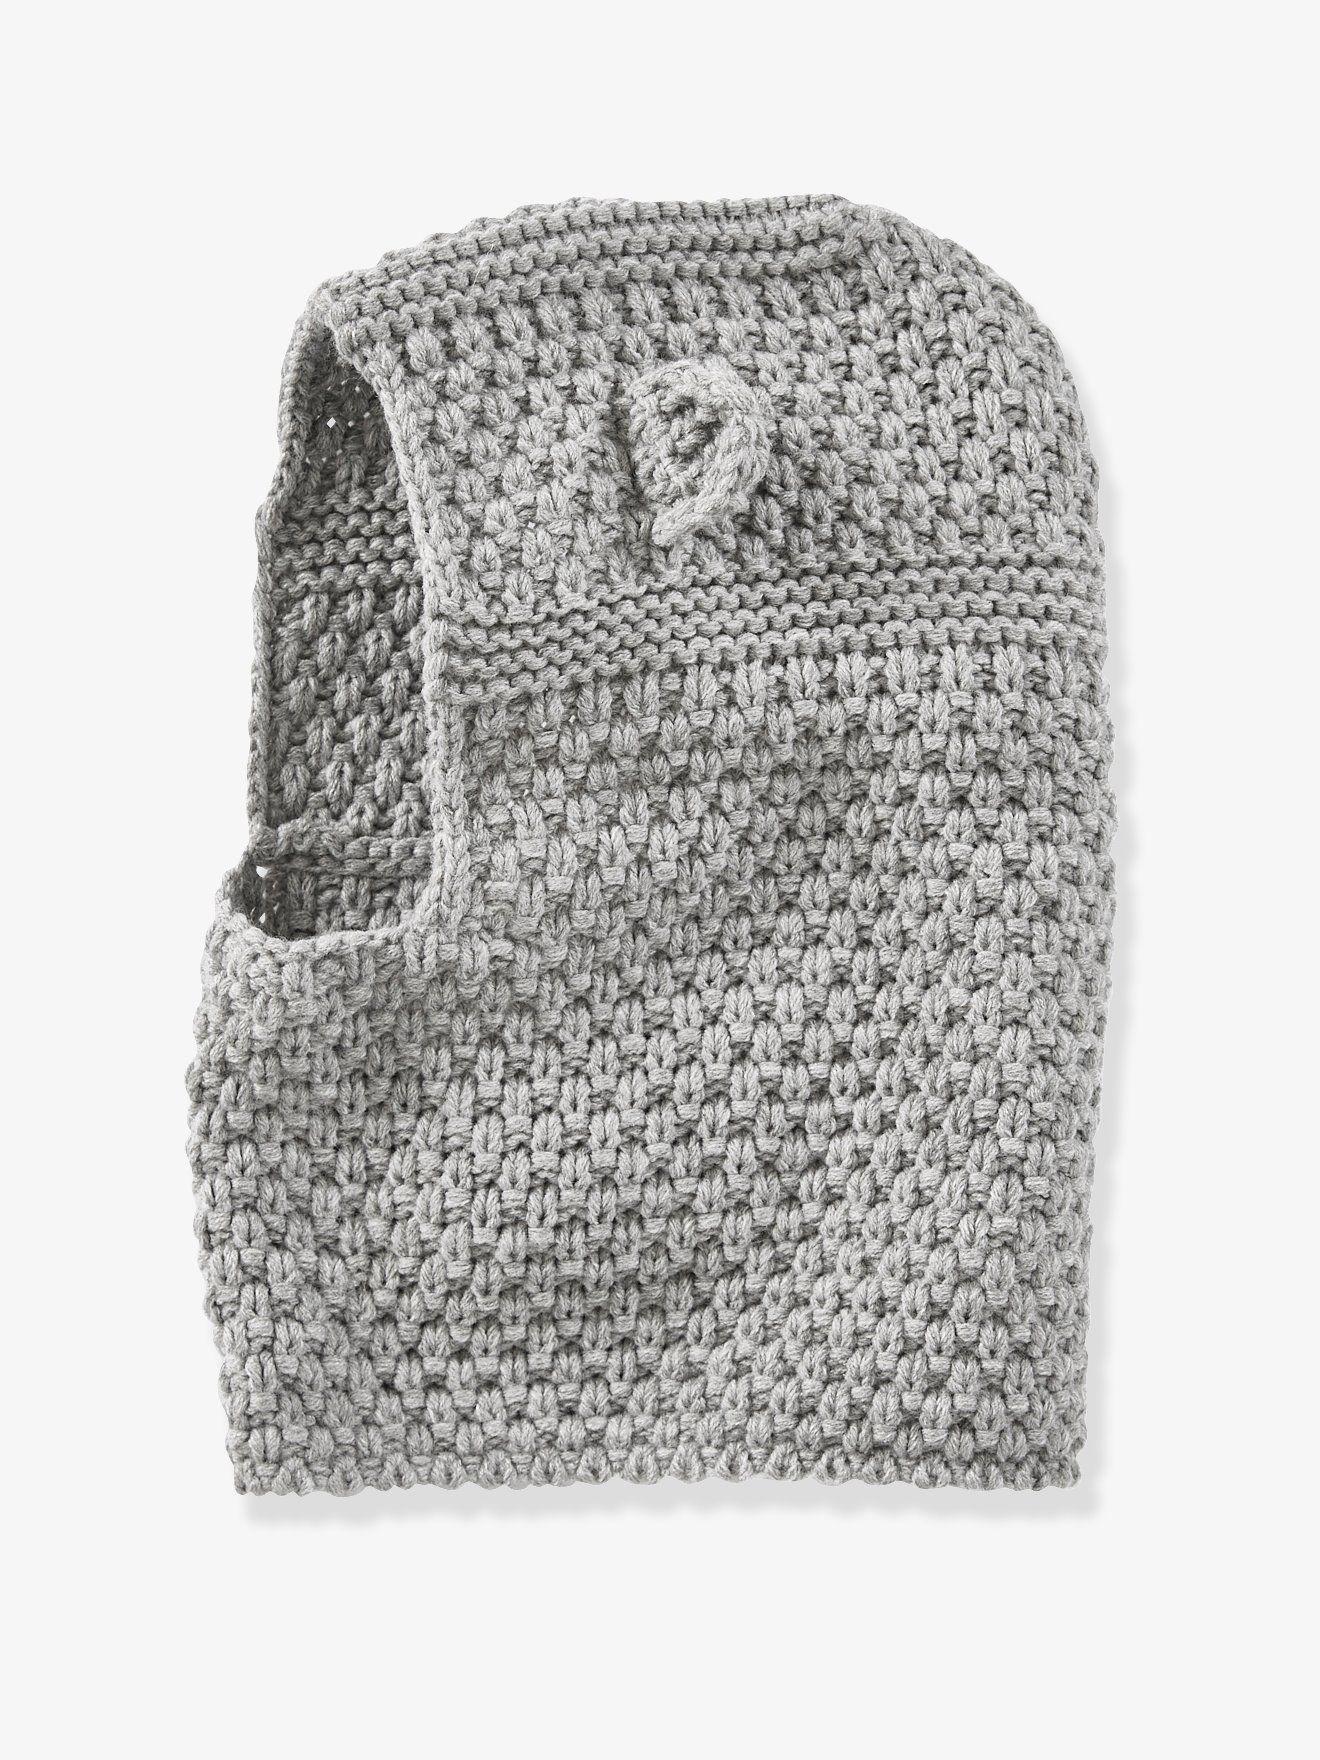 26ee486c021e Cagoule bébé en tricot point fantaisie gris - Bien emmitouflé dans sa  cagoule à oreilles,